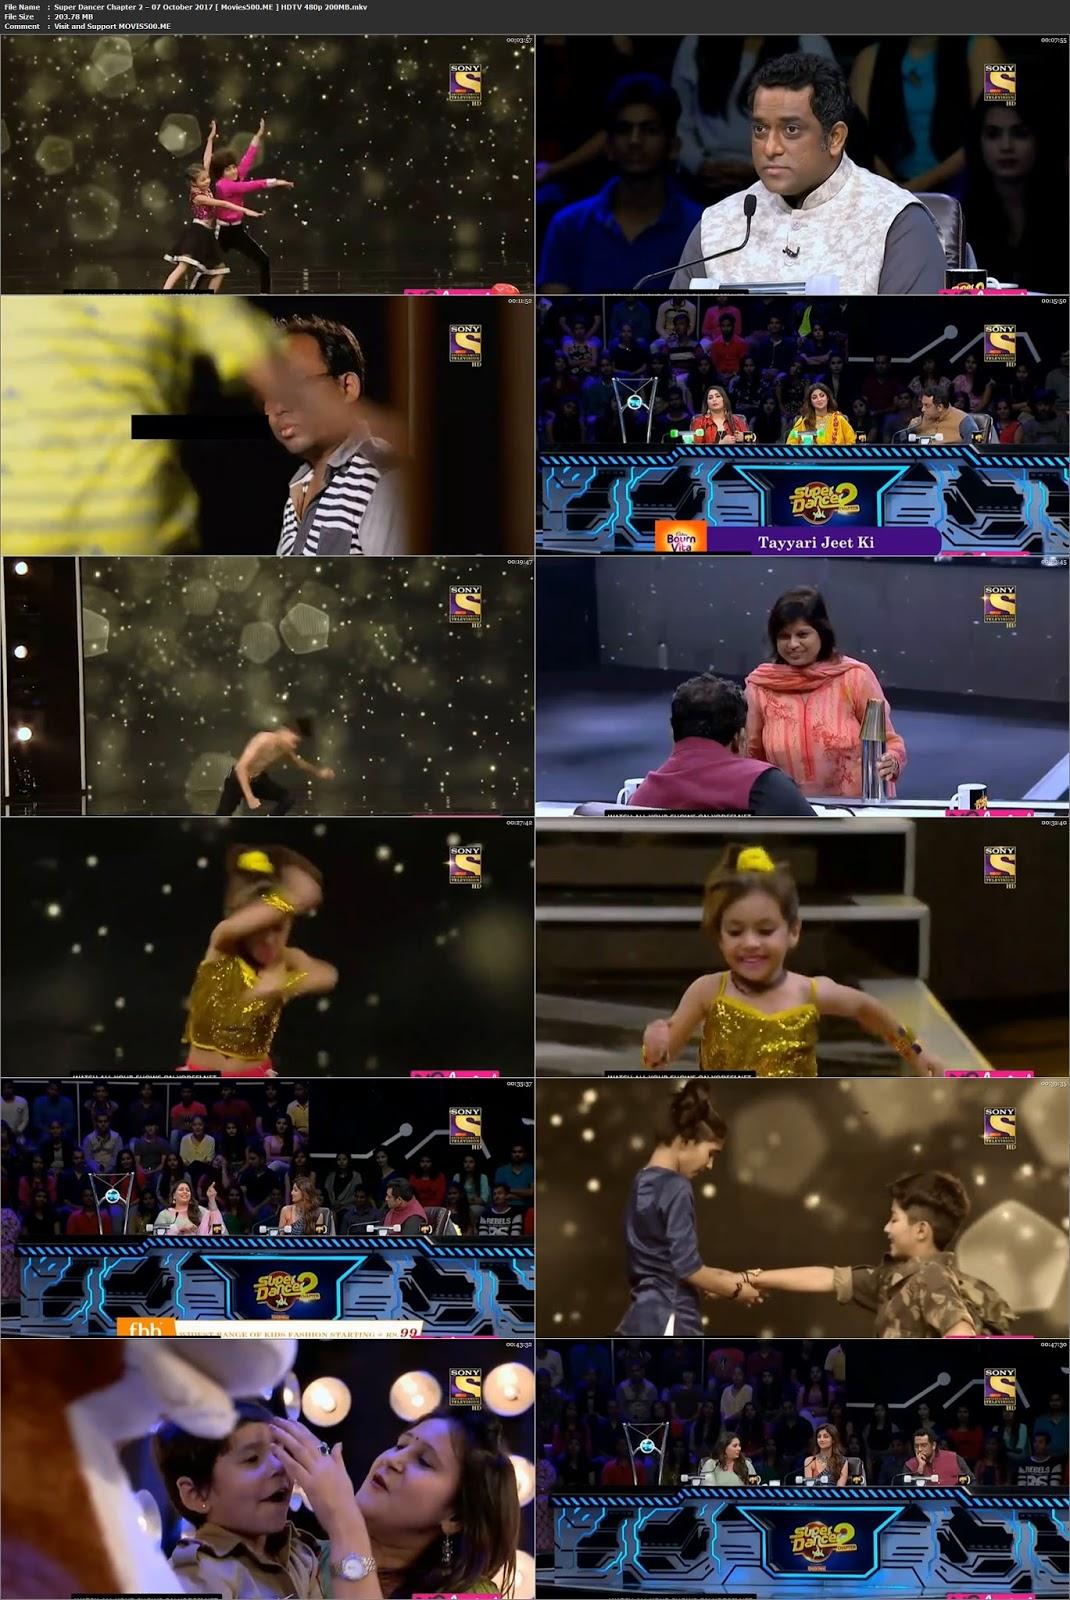 Super Dancer Chapter 2 2017 07 October HDTV 480p 200MB at 9966132.com